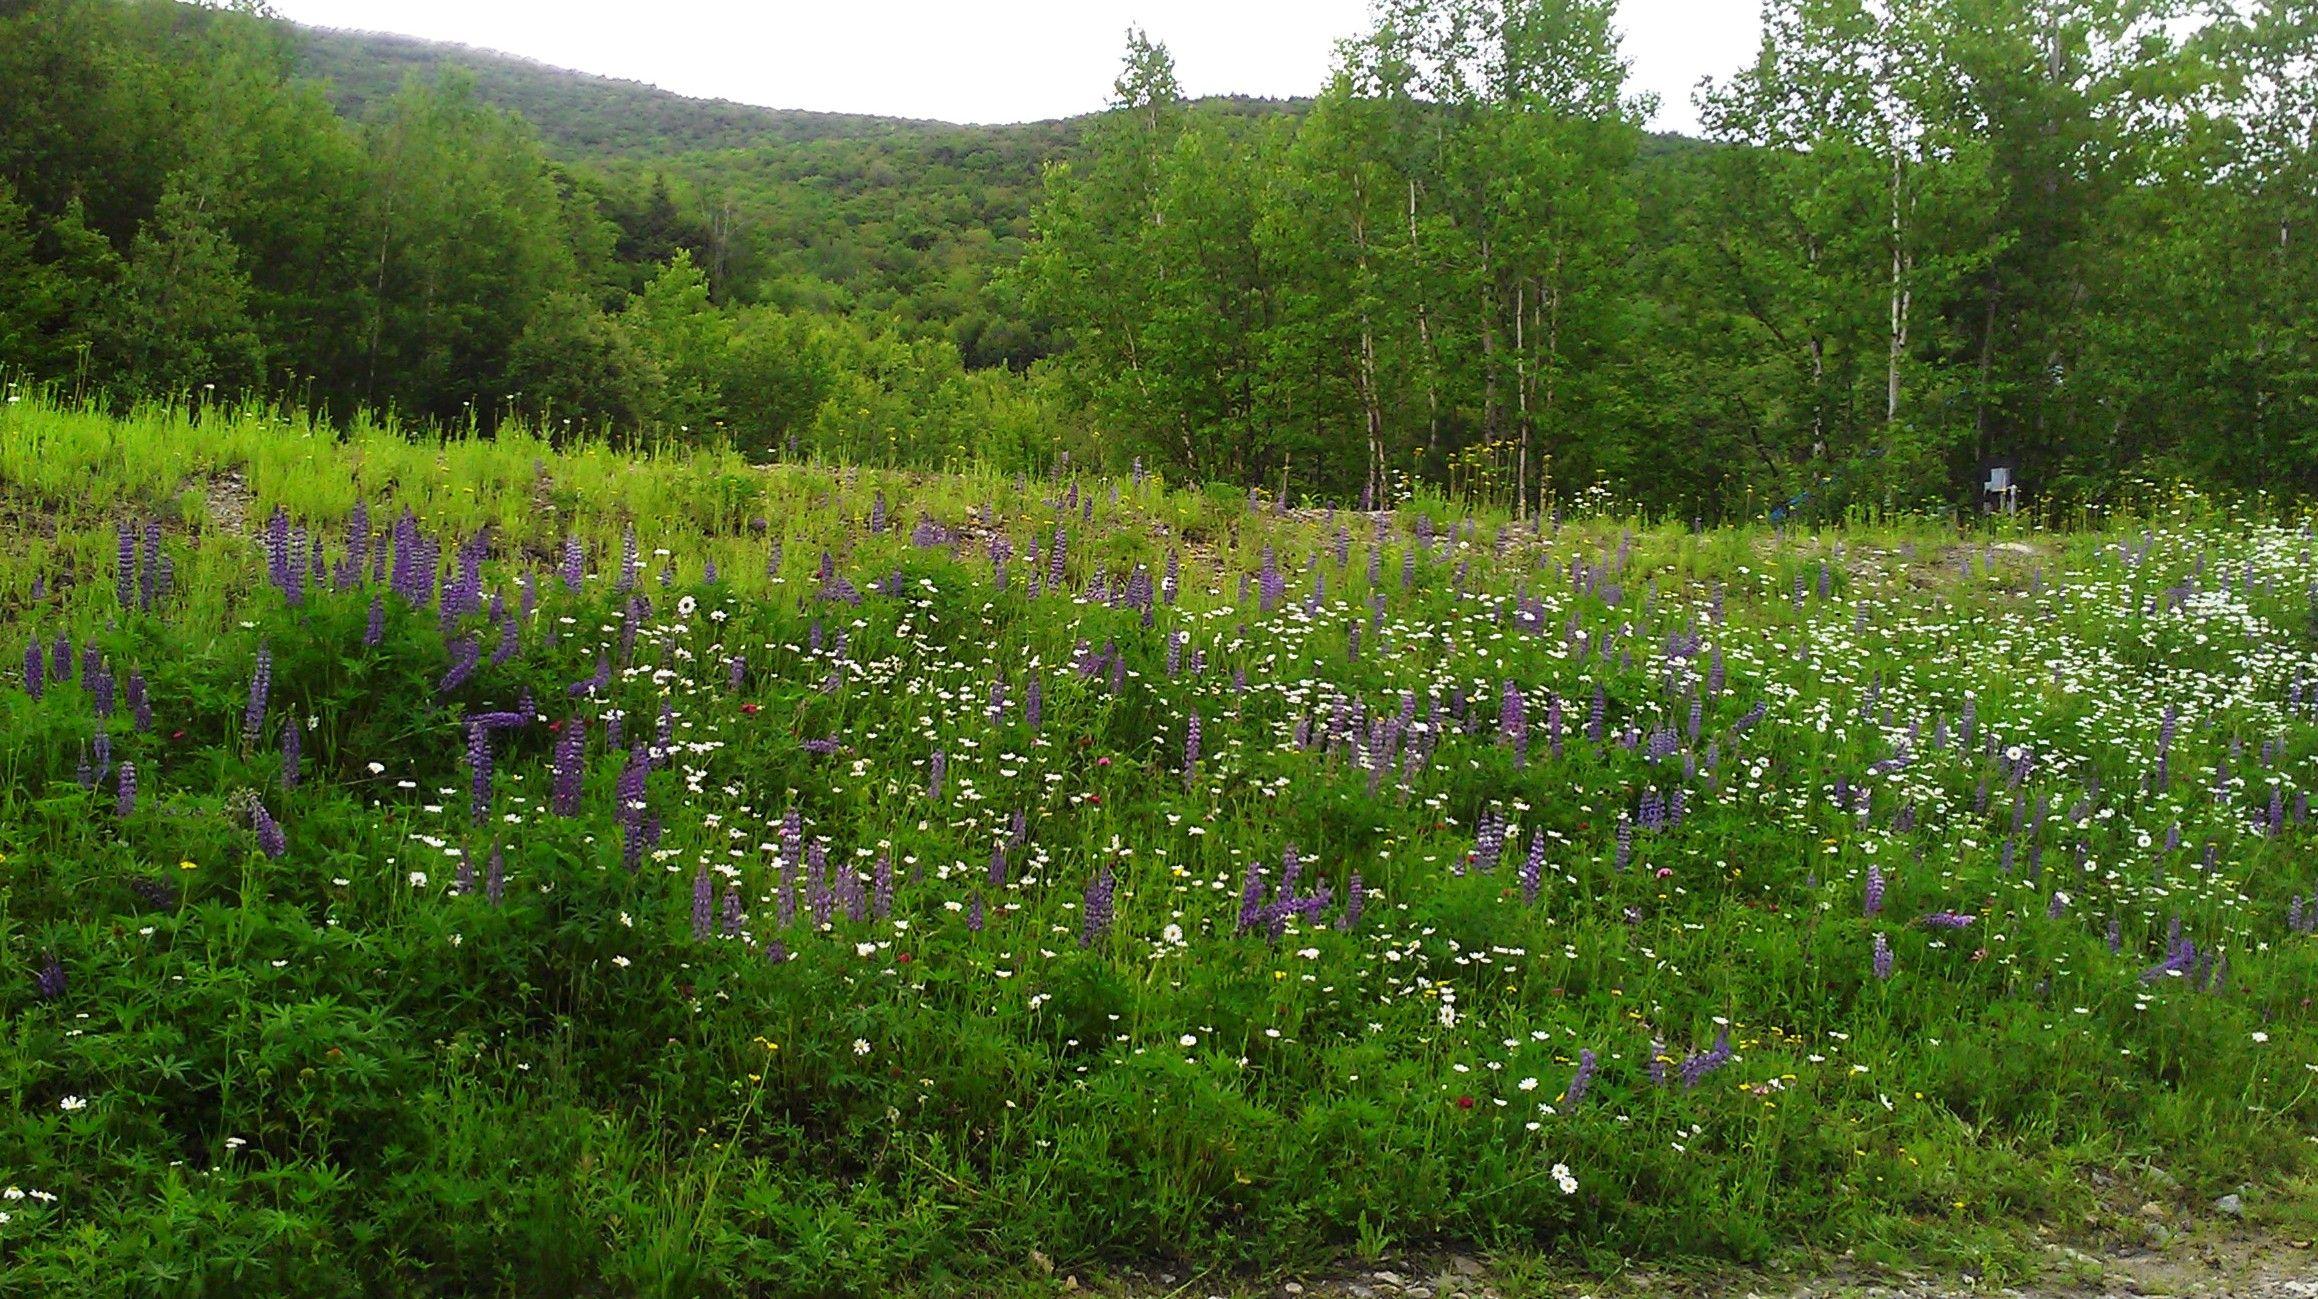 Spring Flowers at South Peak